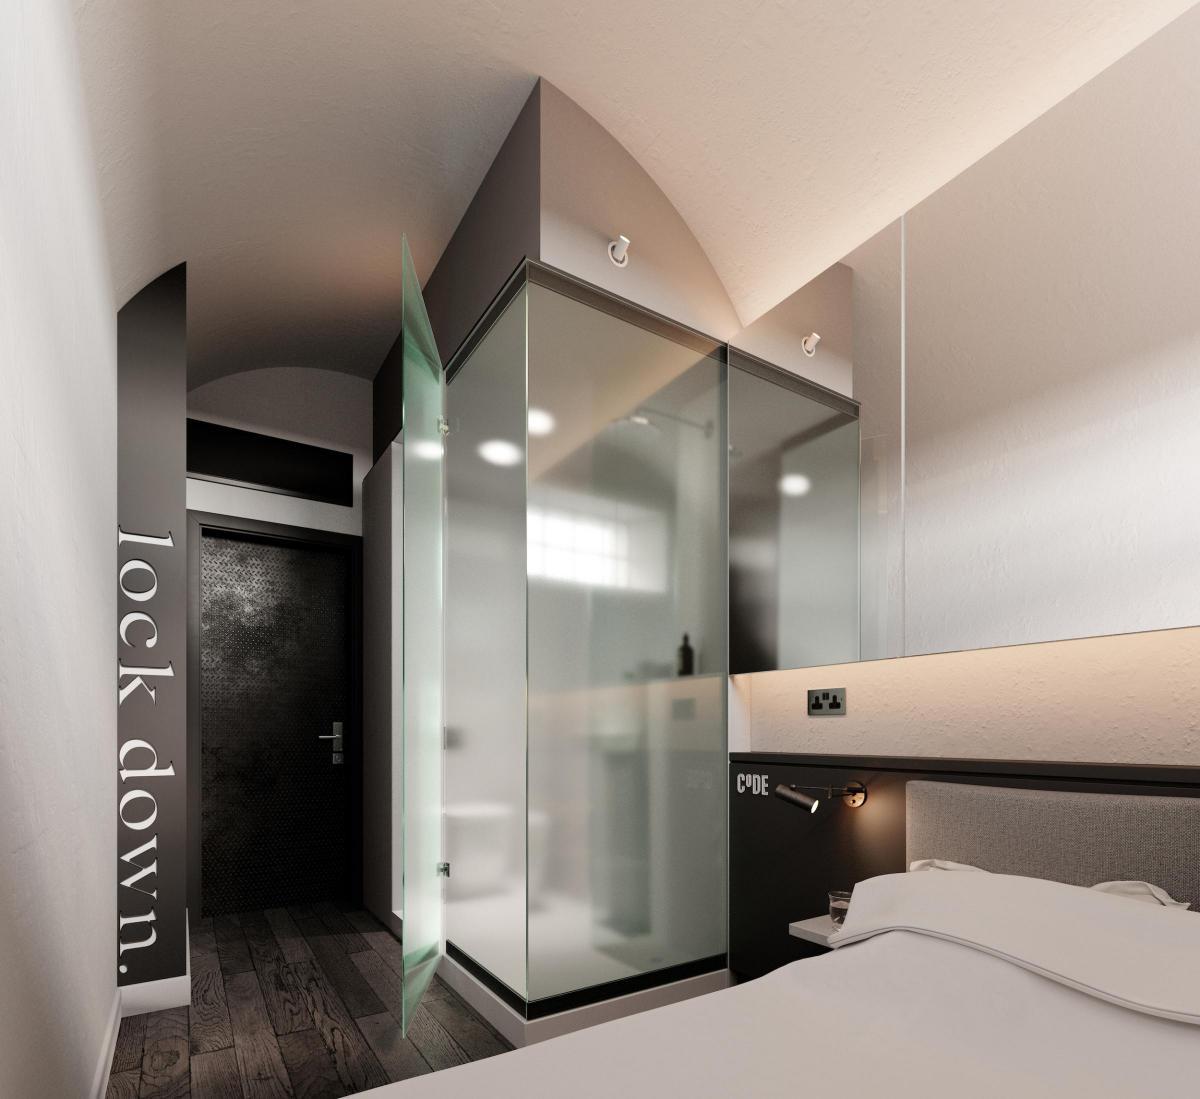 First look: Hotel in former Edinburgh jail | HeraldScotland